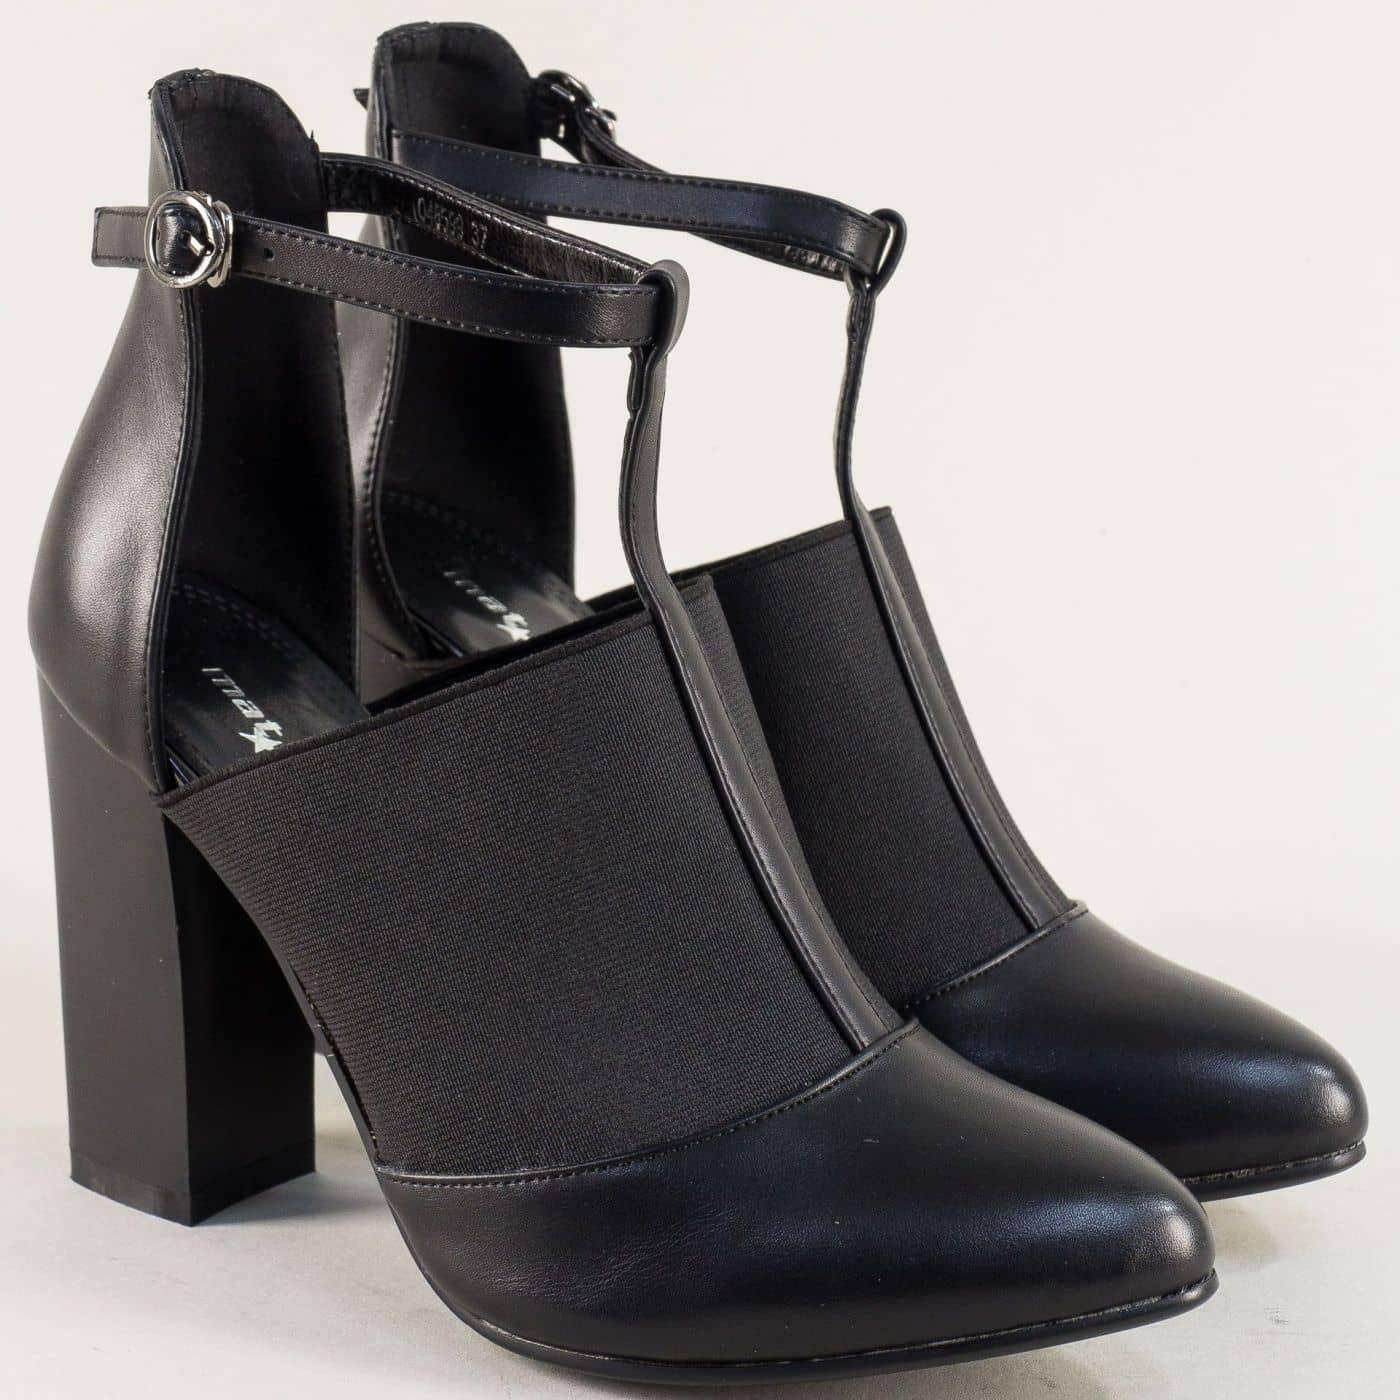 8fc7b2ab8c0 Дамски черни обувки с фешън визия на висок ток 048599ch - Zebra 1992